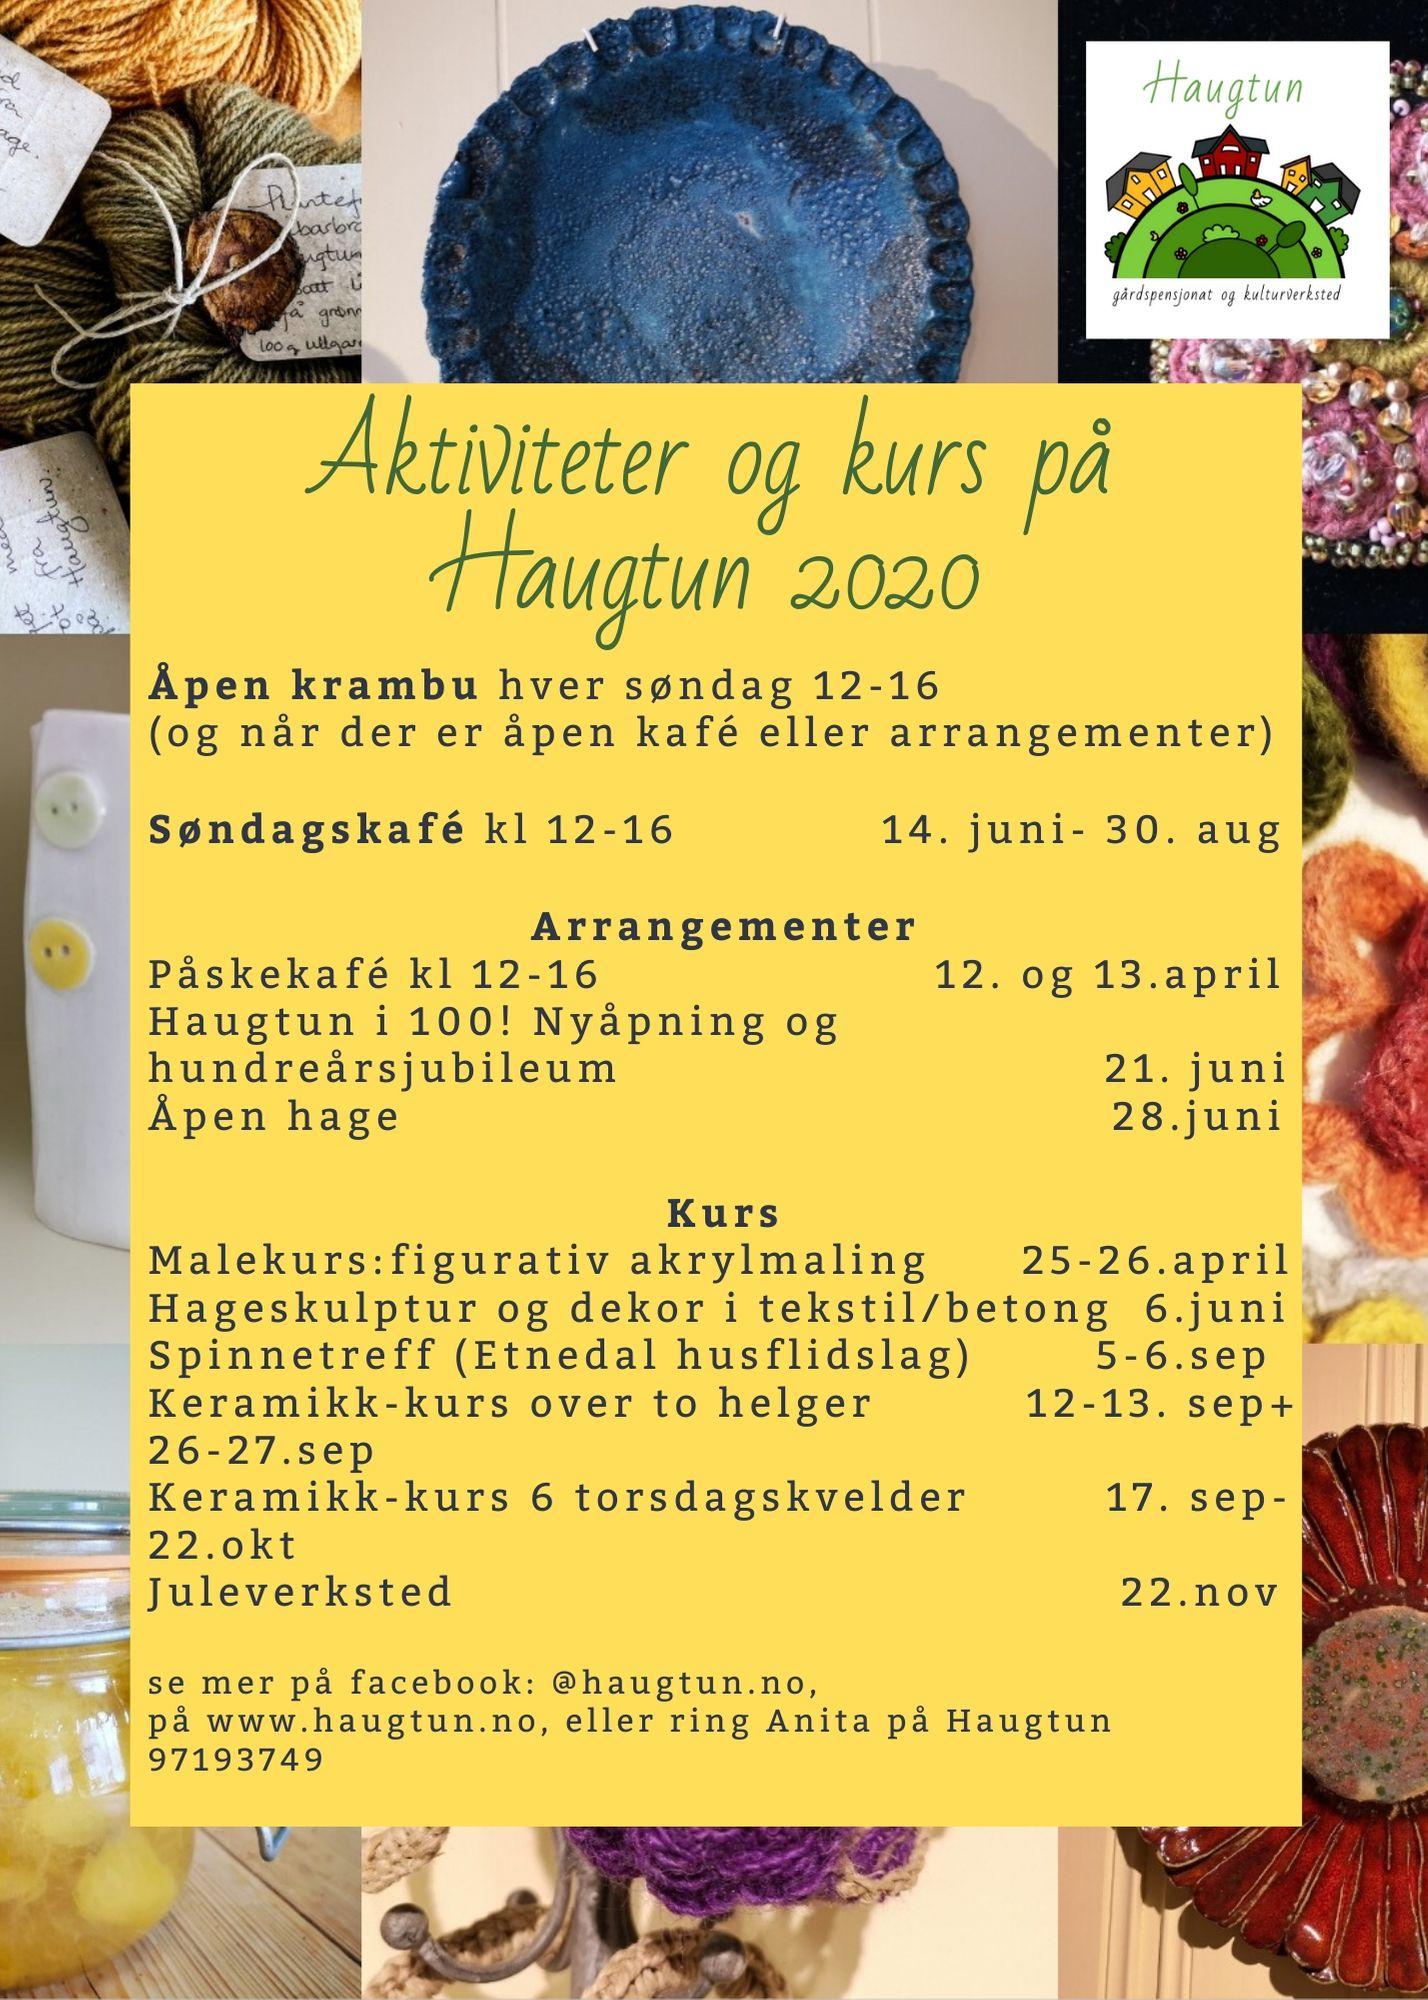 Aktiviteter og kurs på Haugtun 2020